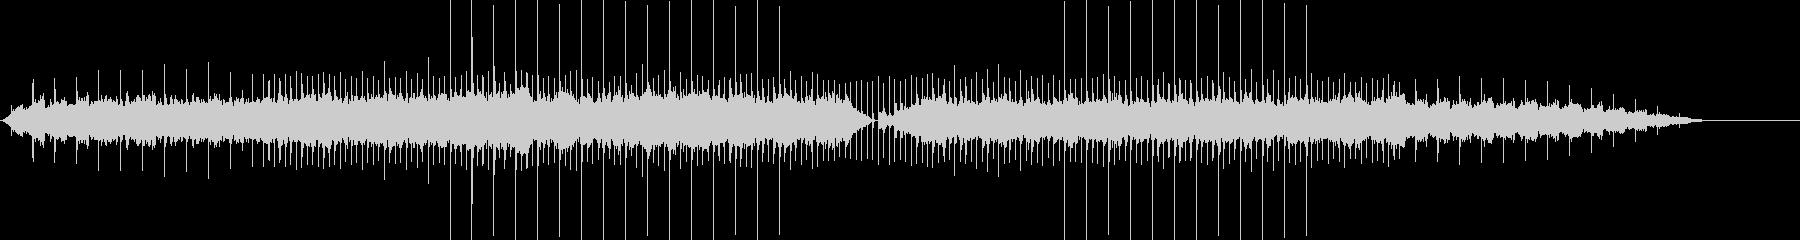 シンセによる前向きで感動的な曲の未再生の波形